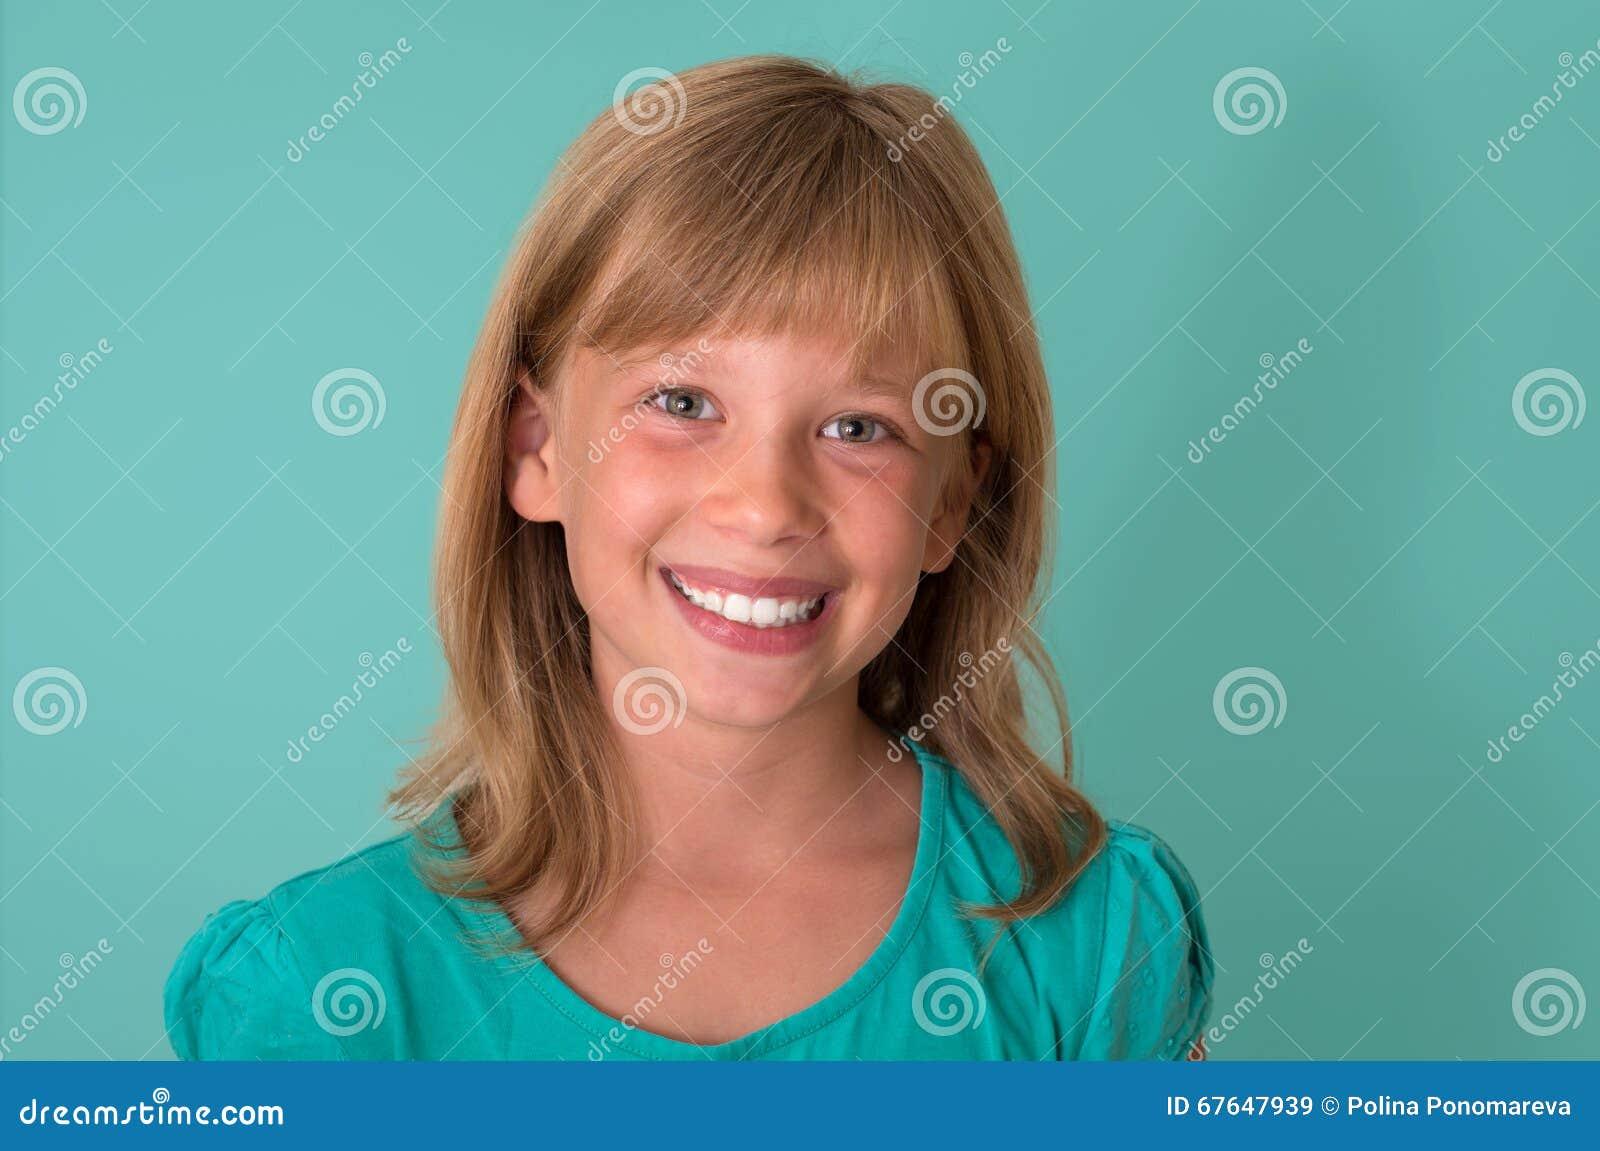 Lycklig le liten flicka a på turkosbakgrund sinnesrörelser